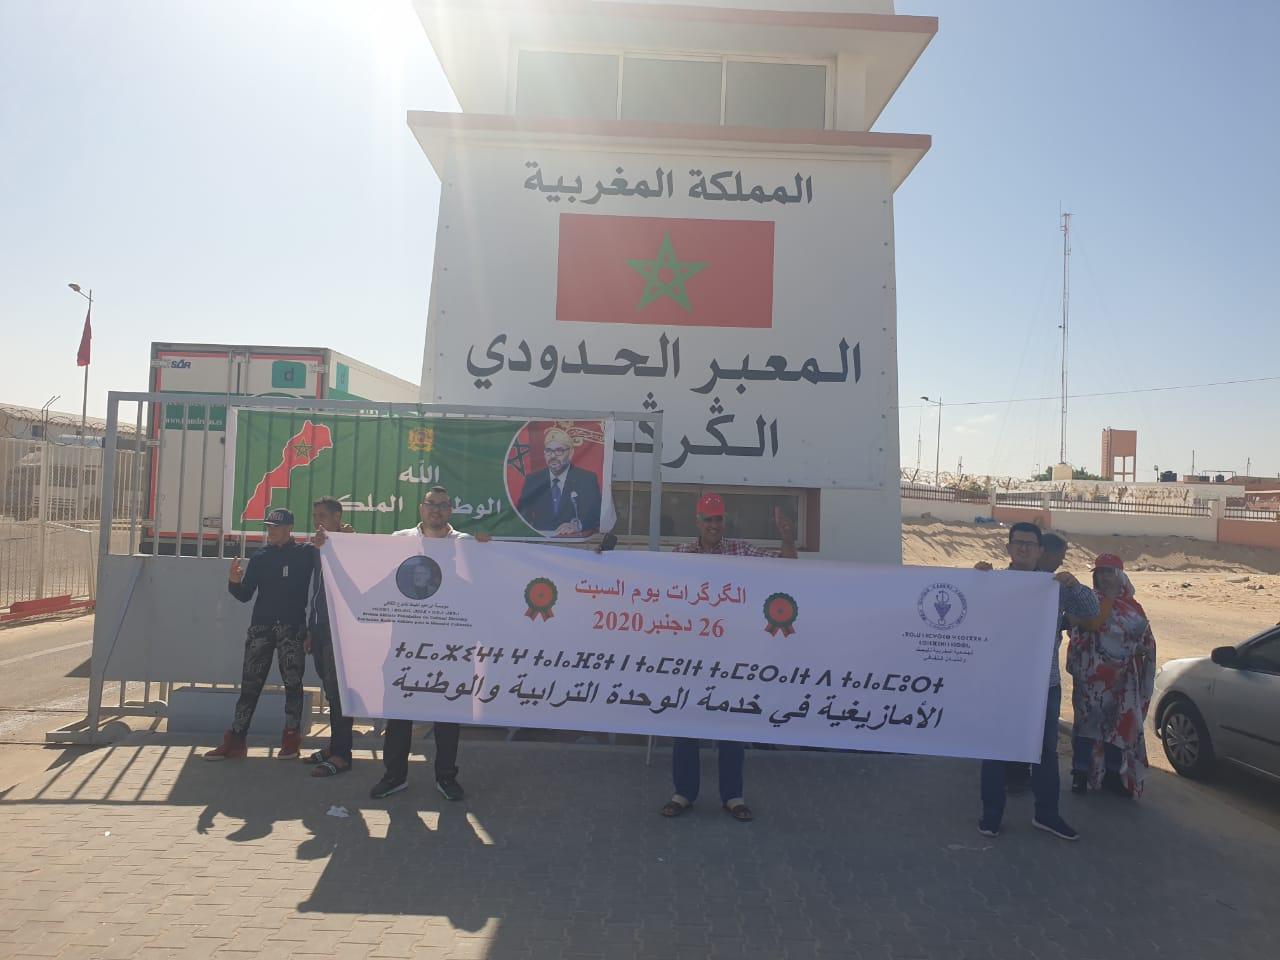 """وقفة رمزية بالكركرات تحت شعار """"الأمازيغية في خدمة الوحدة الترابية والوطنية"""""""